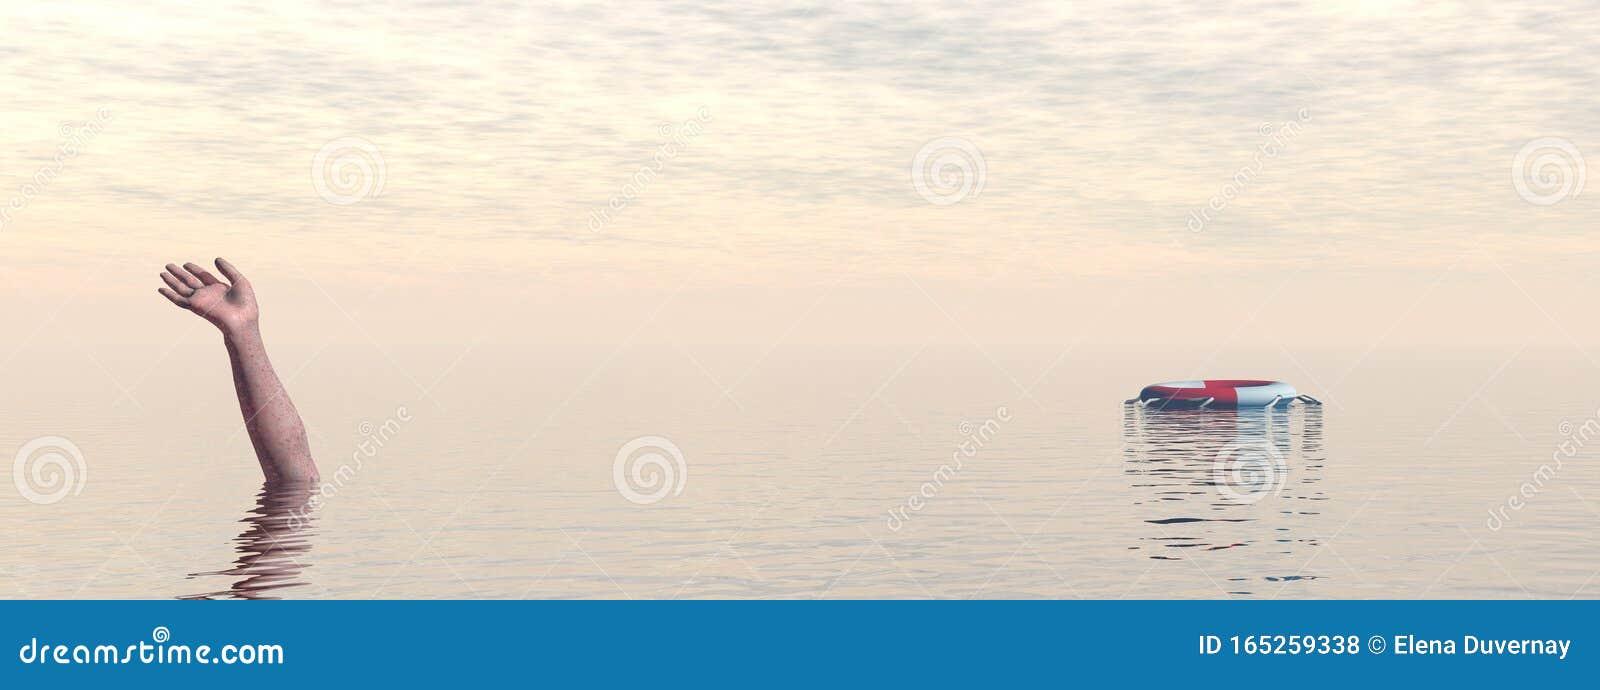 Drowning man`s hand in sea or ocean - 3D render